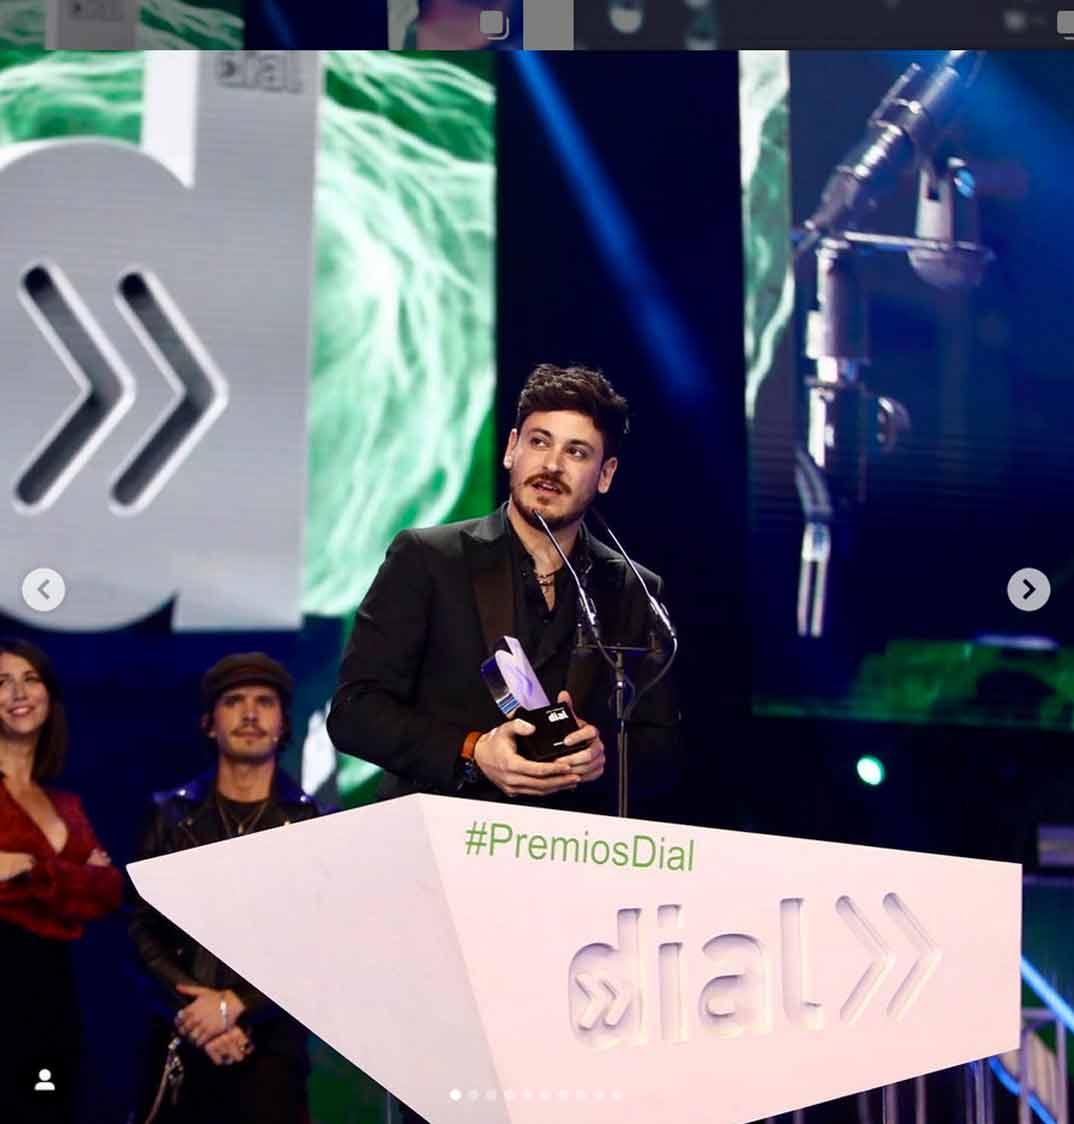 Luis Cepeda - Premios Cadena Dial 2019 © Redes Sociales